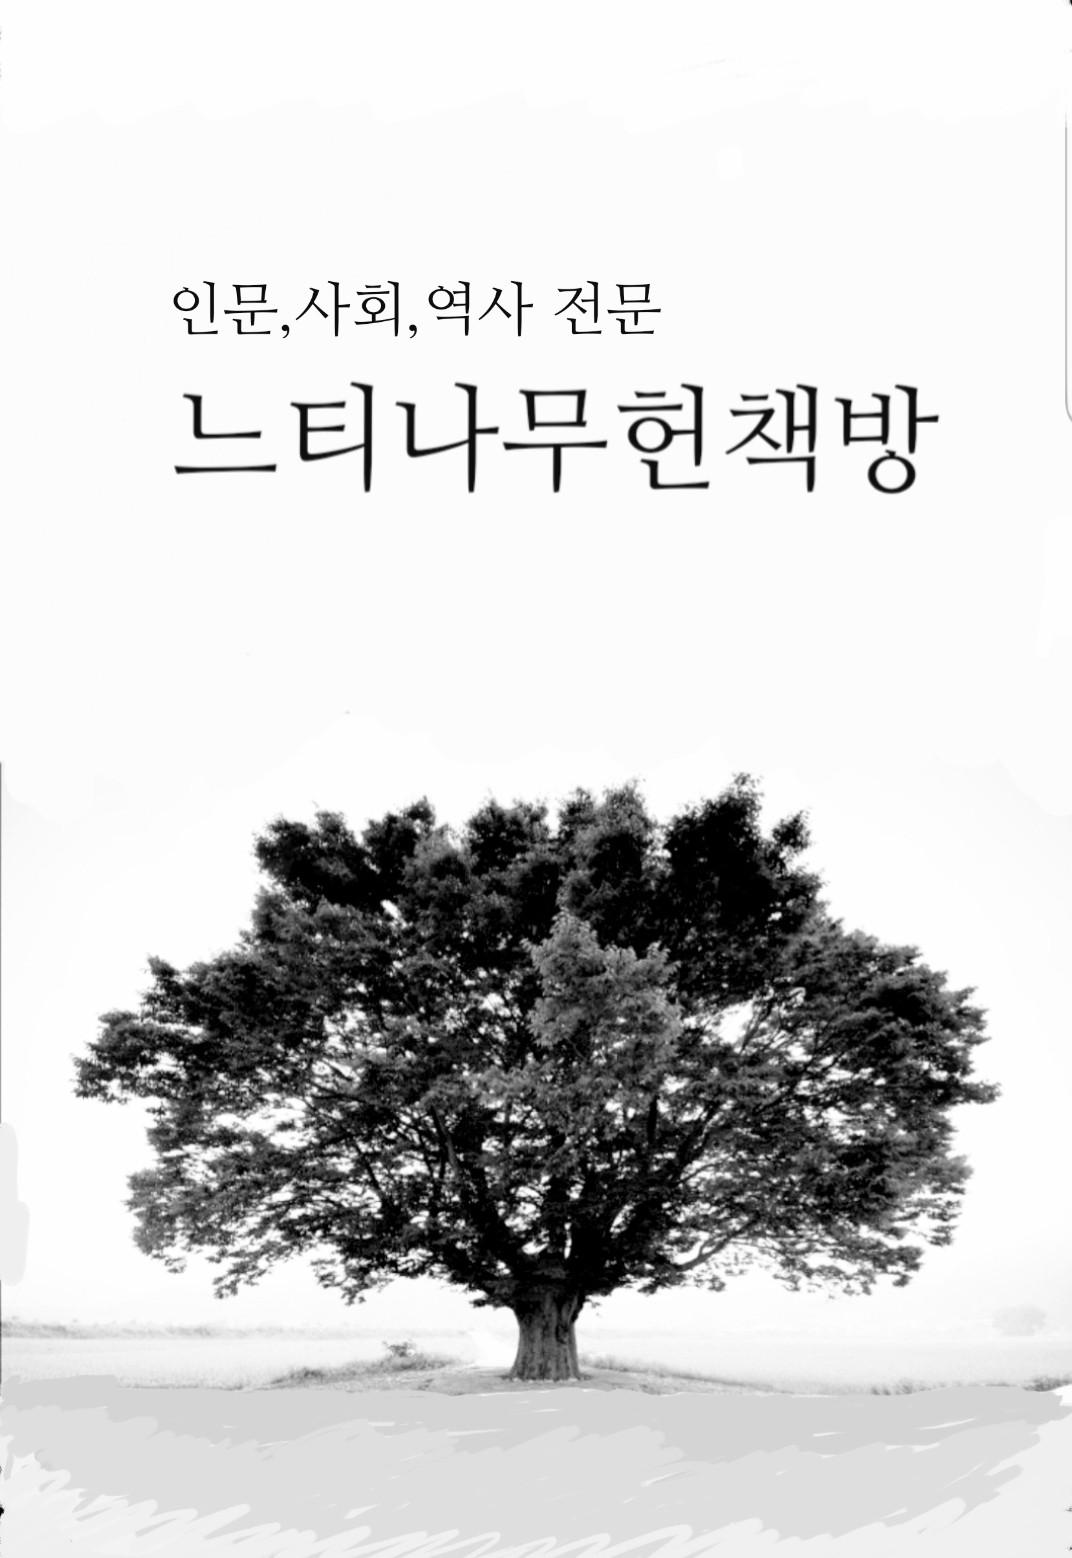 대구은행 지역사랑지 <향토와 문화> 합본호 (가4-1코너)